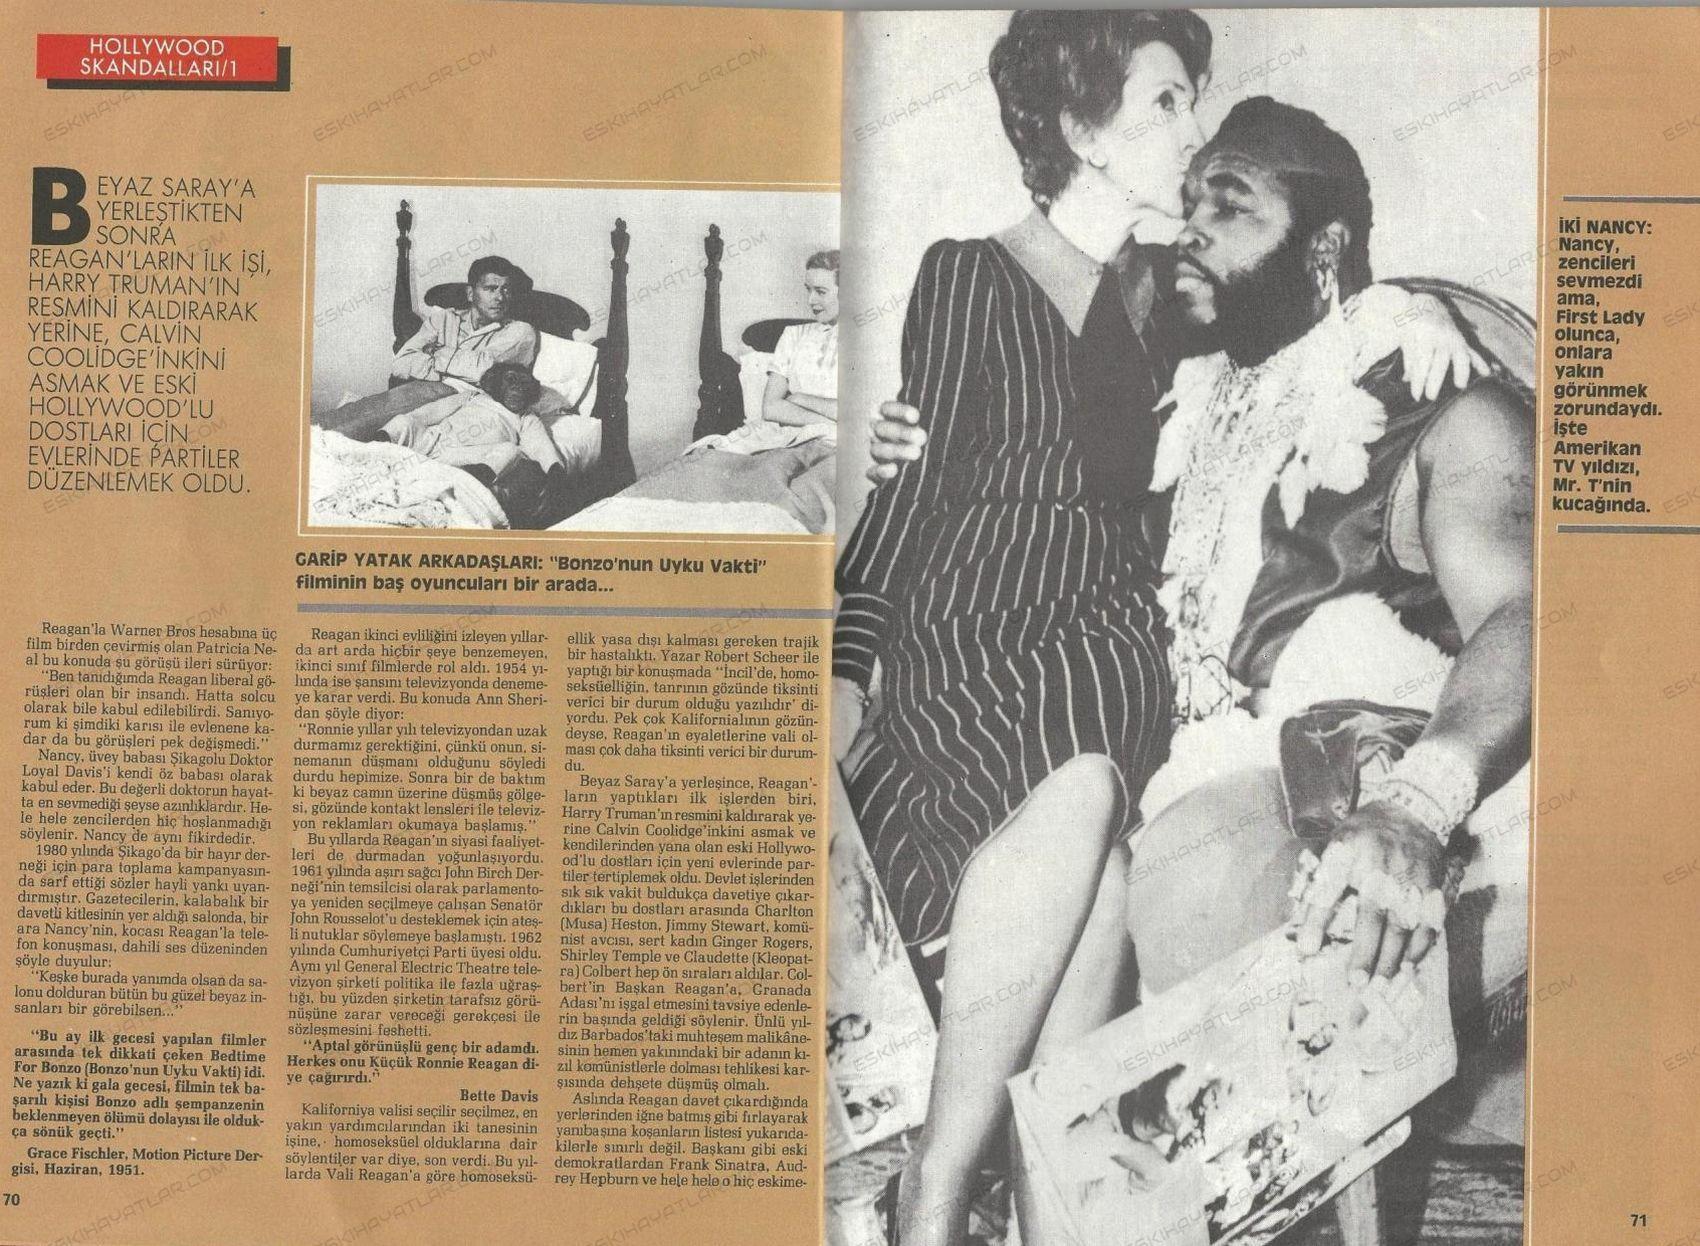 0224-ronald-reagan-haberleri-1986-erkekce-dergisi-reagan-en-iyi-arkadaslarim-homoseksueldi (4)